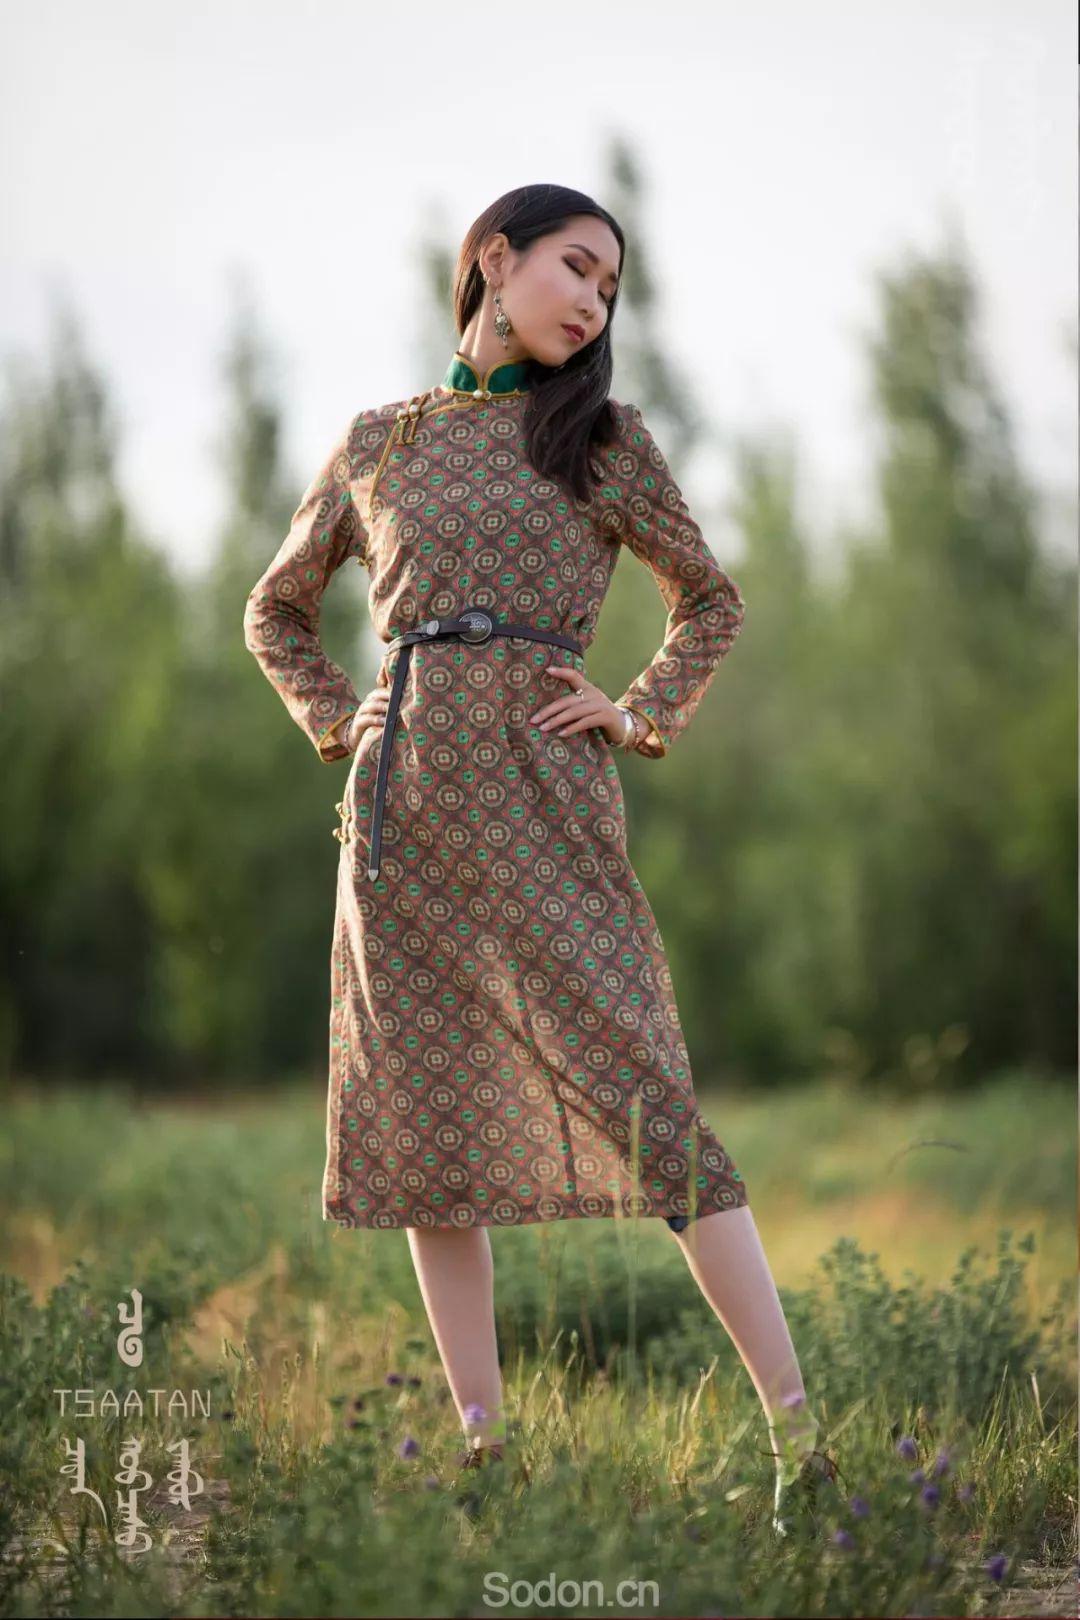 TSAATAN蒙古时装 2019新款,来自驯鹿人的独特魅力! 第24张